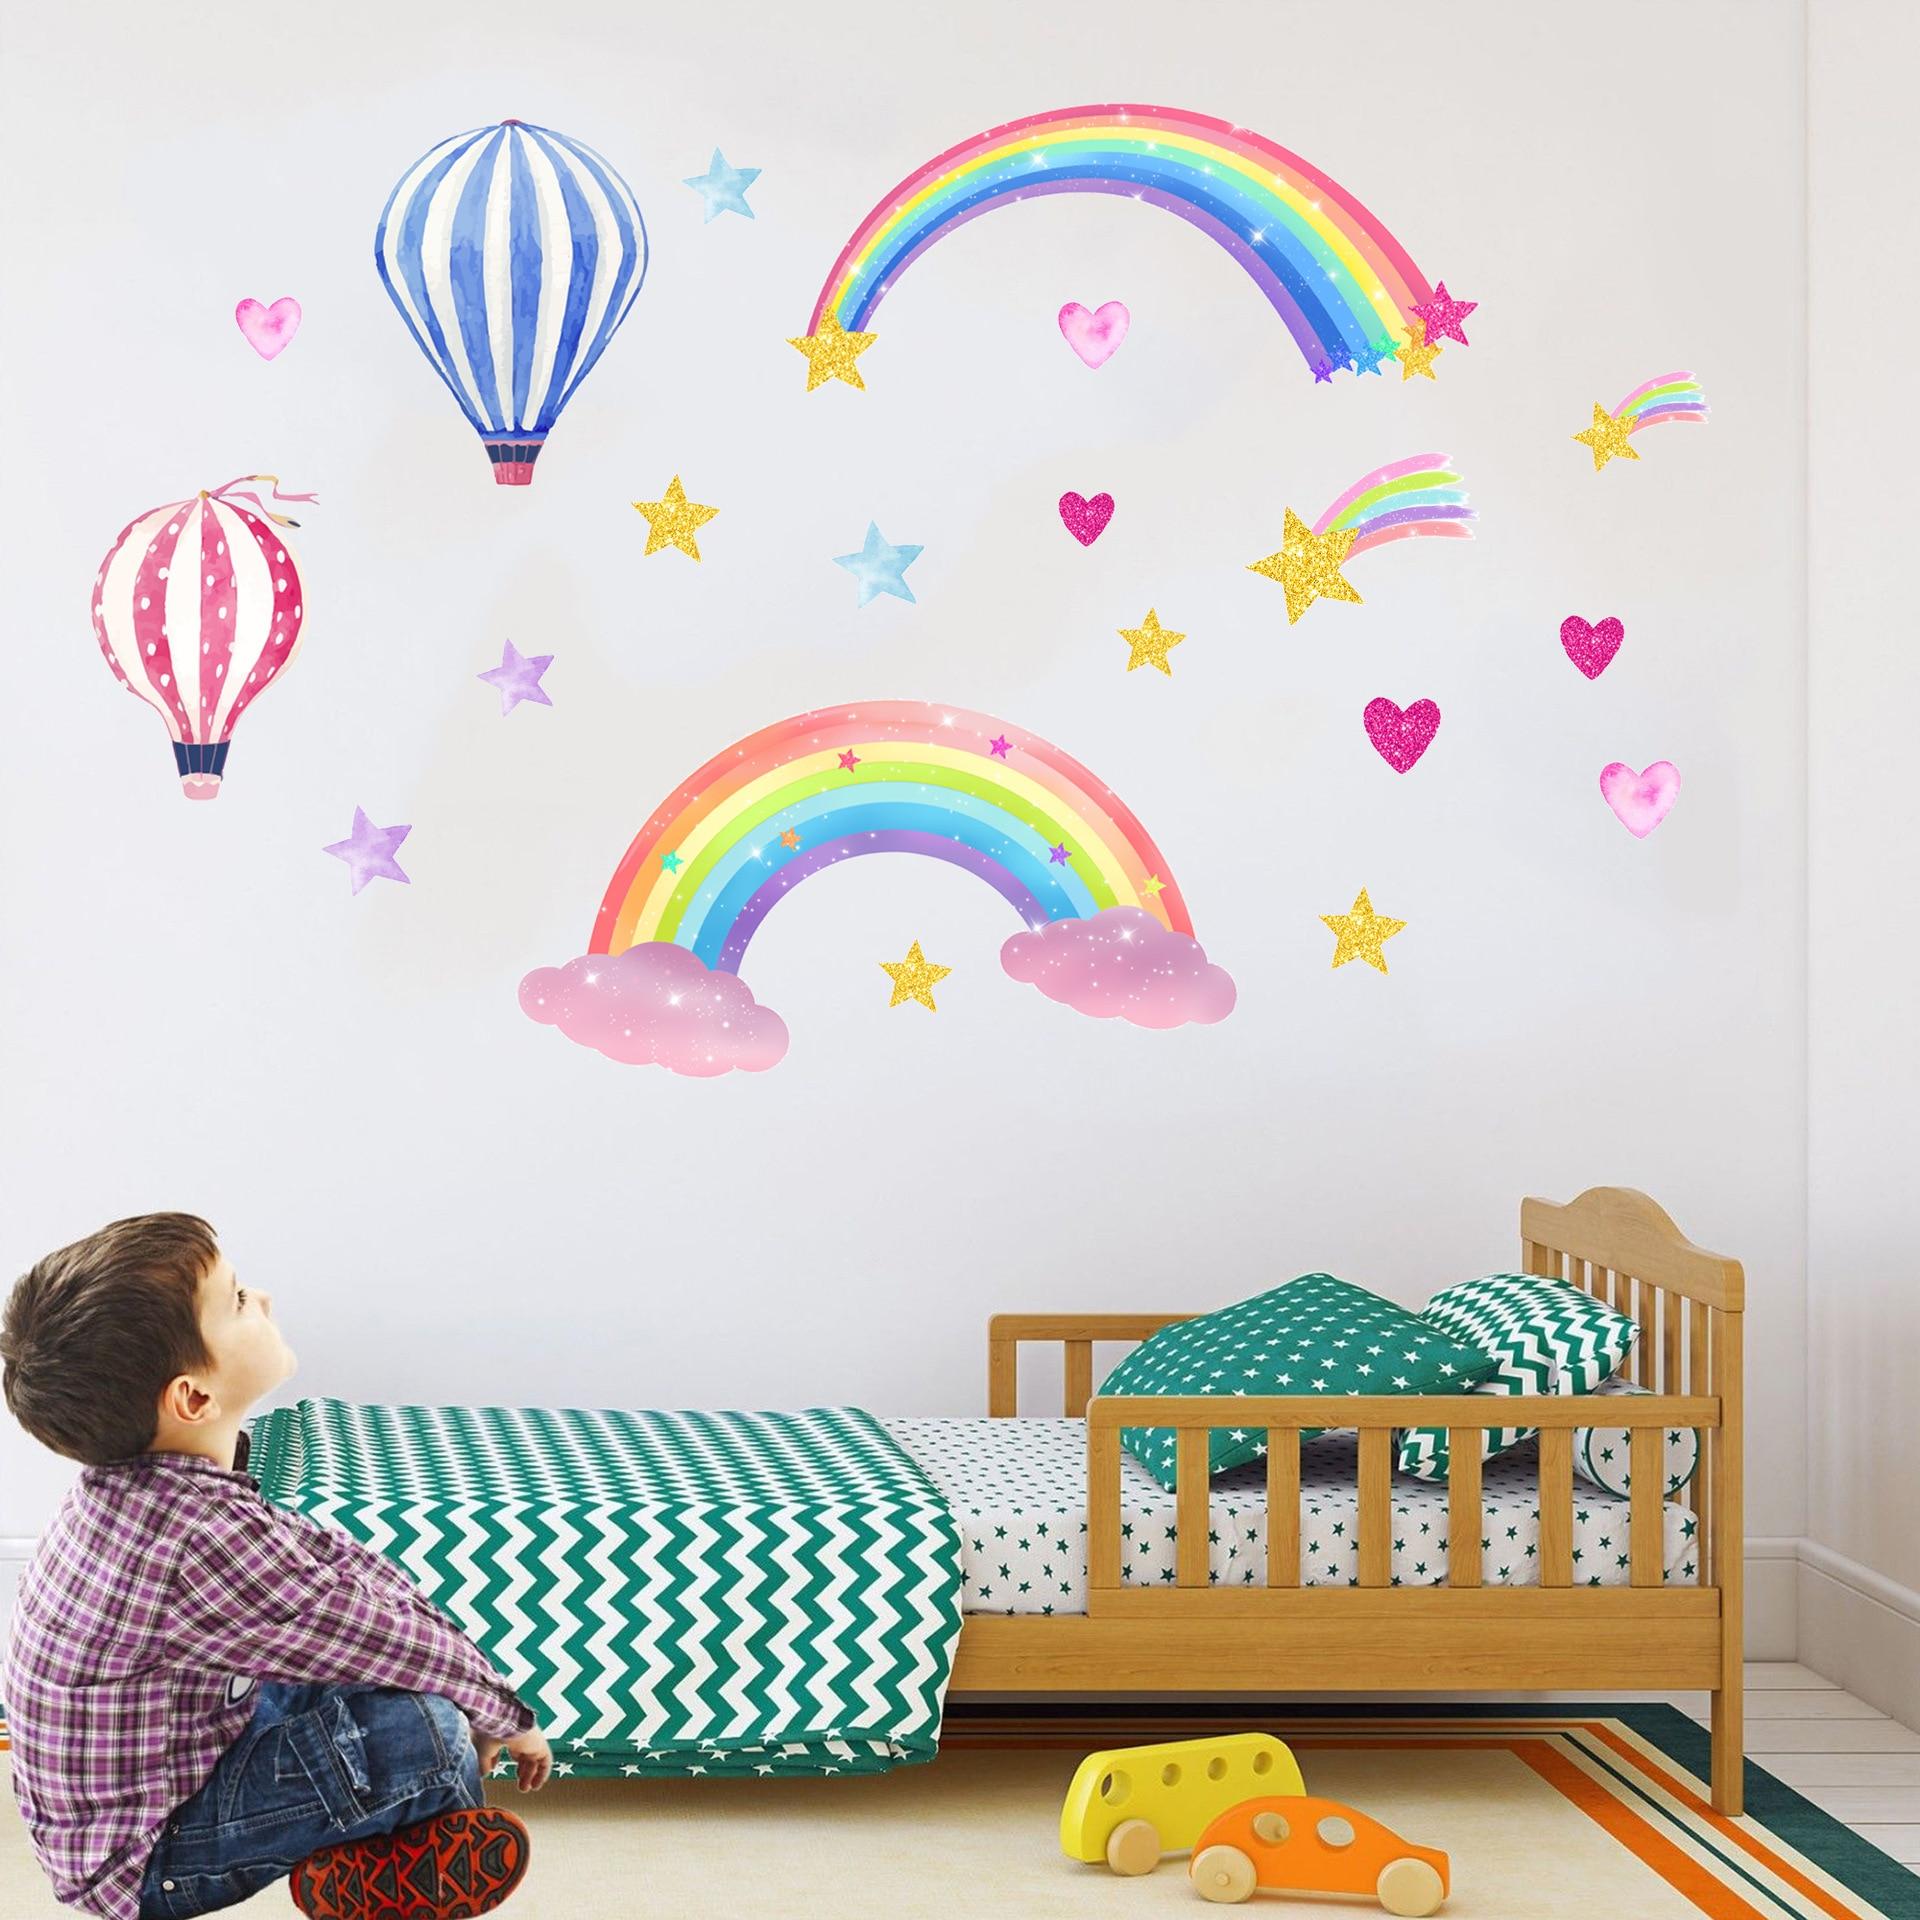 Горячий воздух воздушный шар Радуга настенные наклейки, гостиная, детская комната фон стены украшения картина с изображением из «Звездных ...